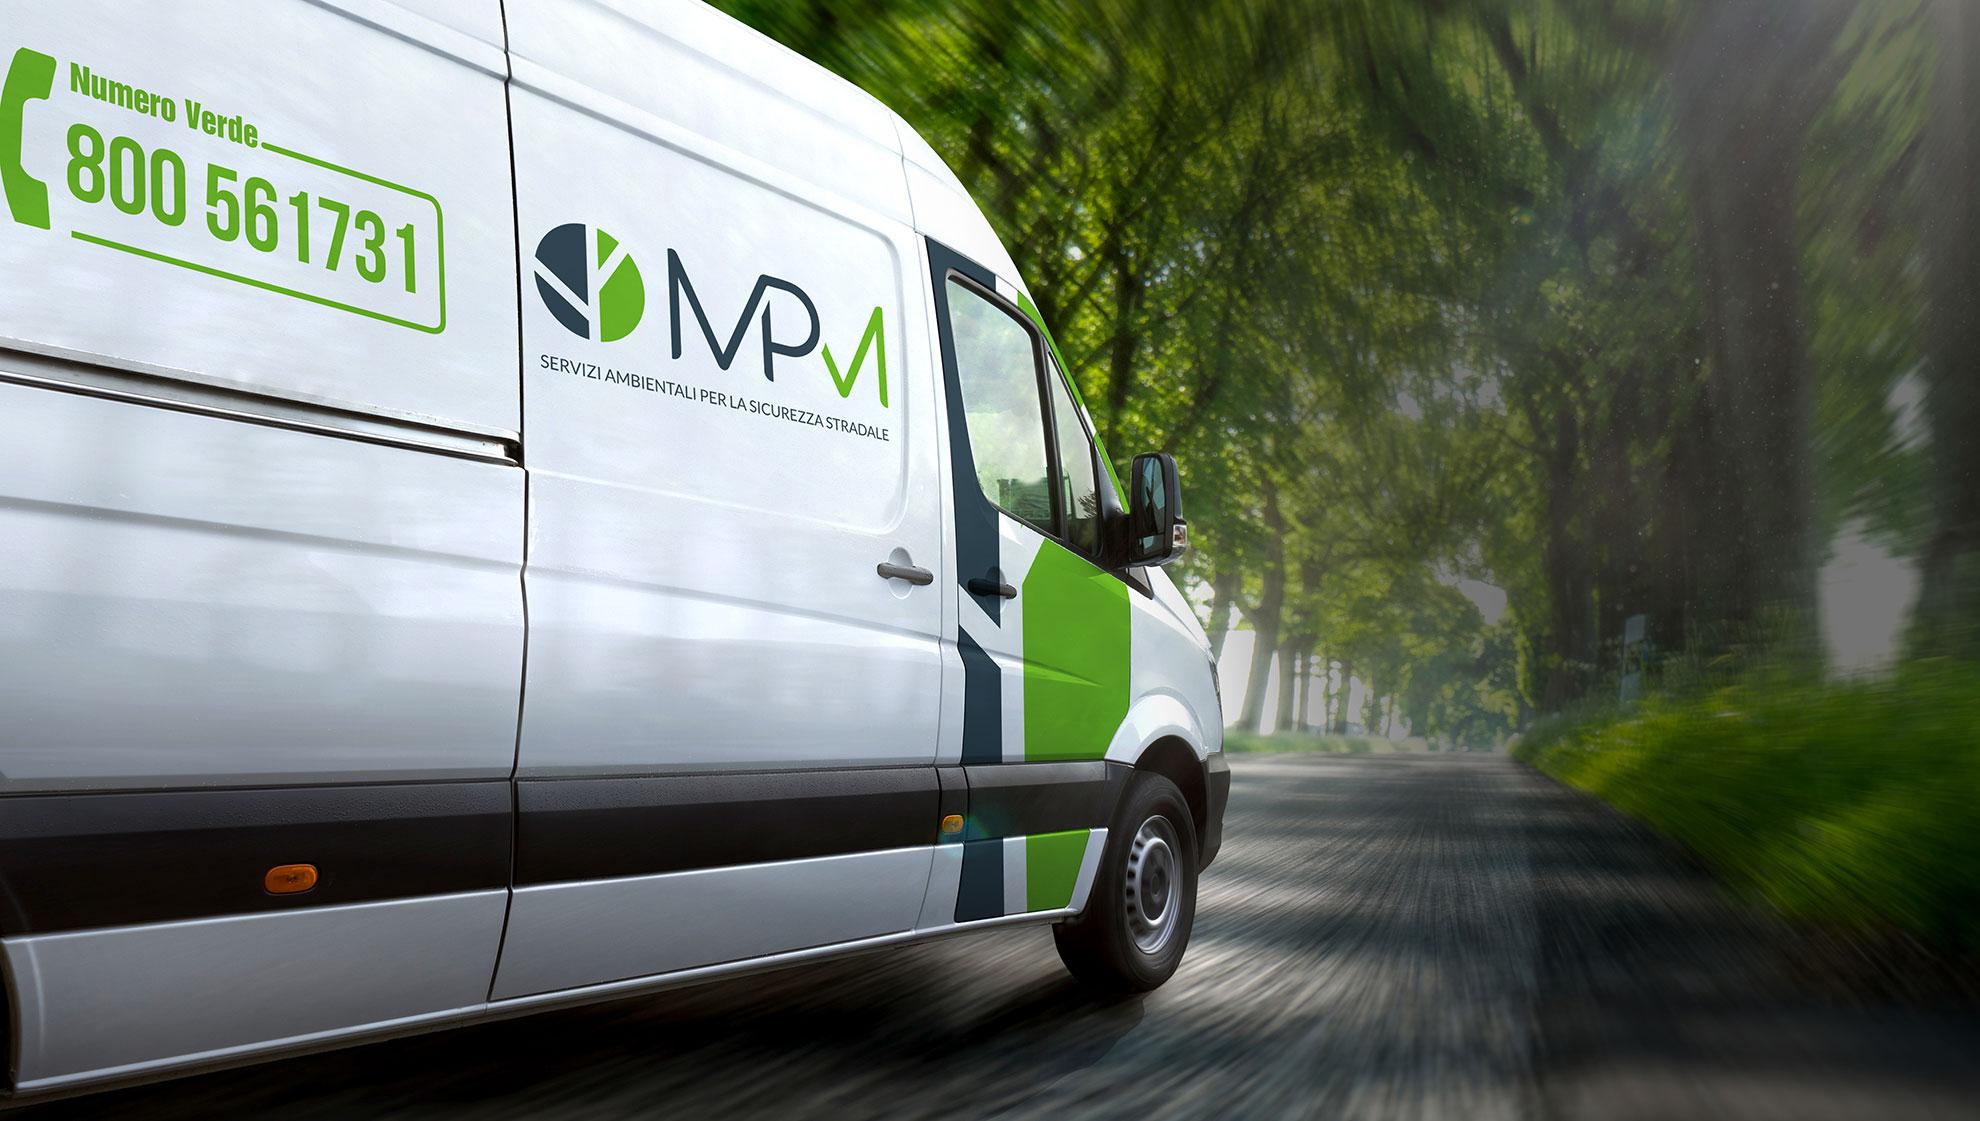 furgoncino mpm - pulizia e ripristino strade post incidente